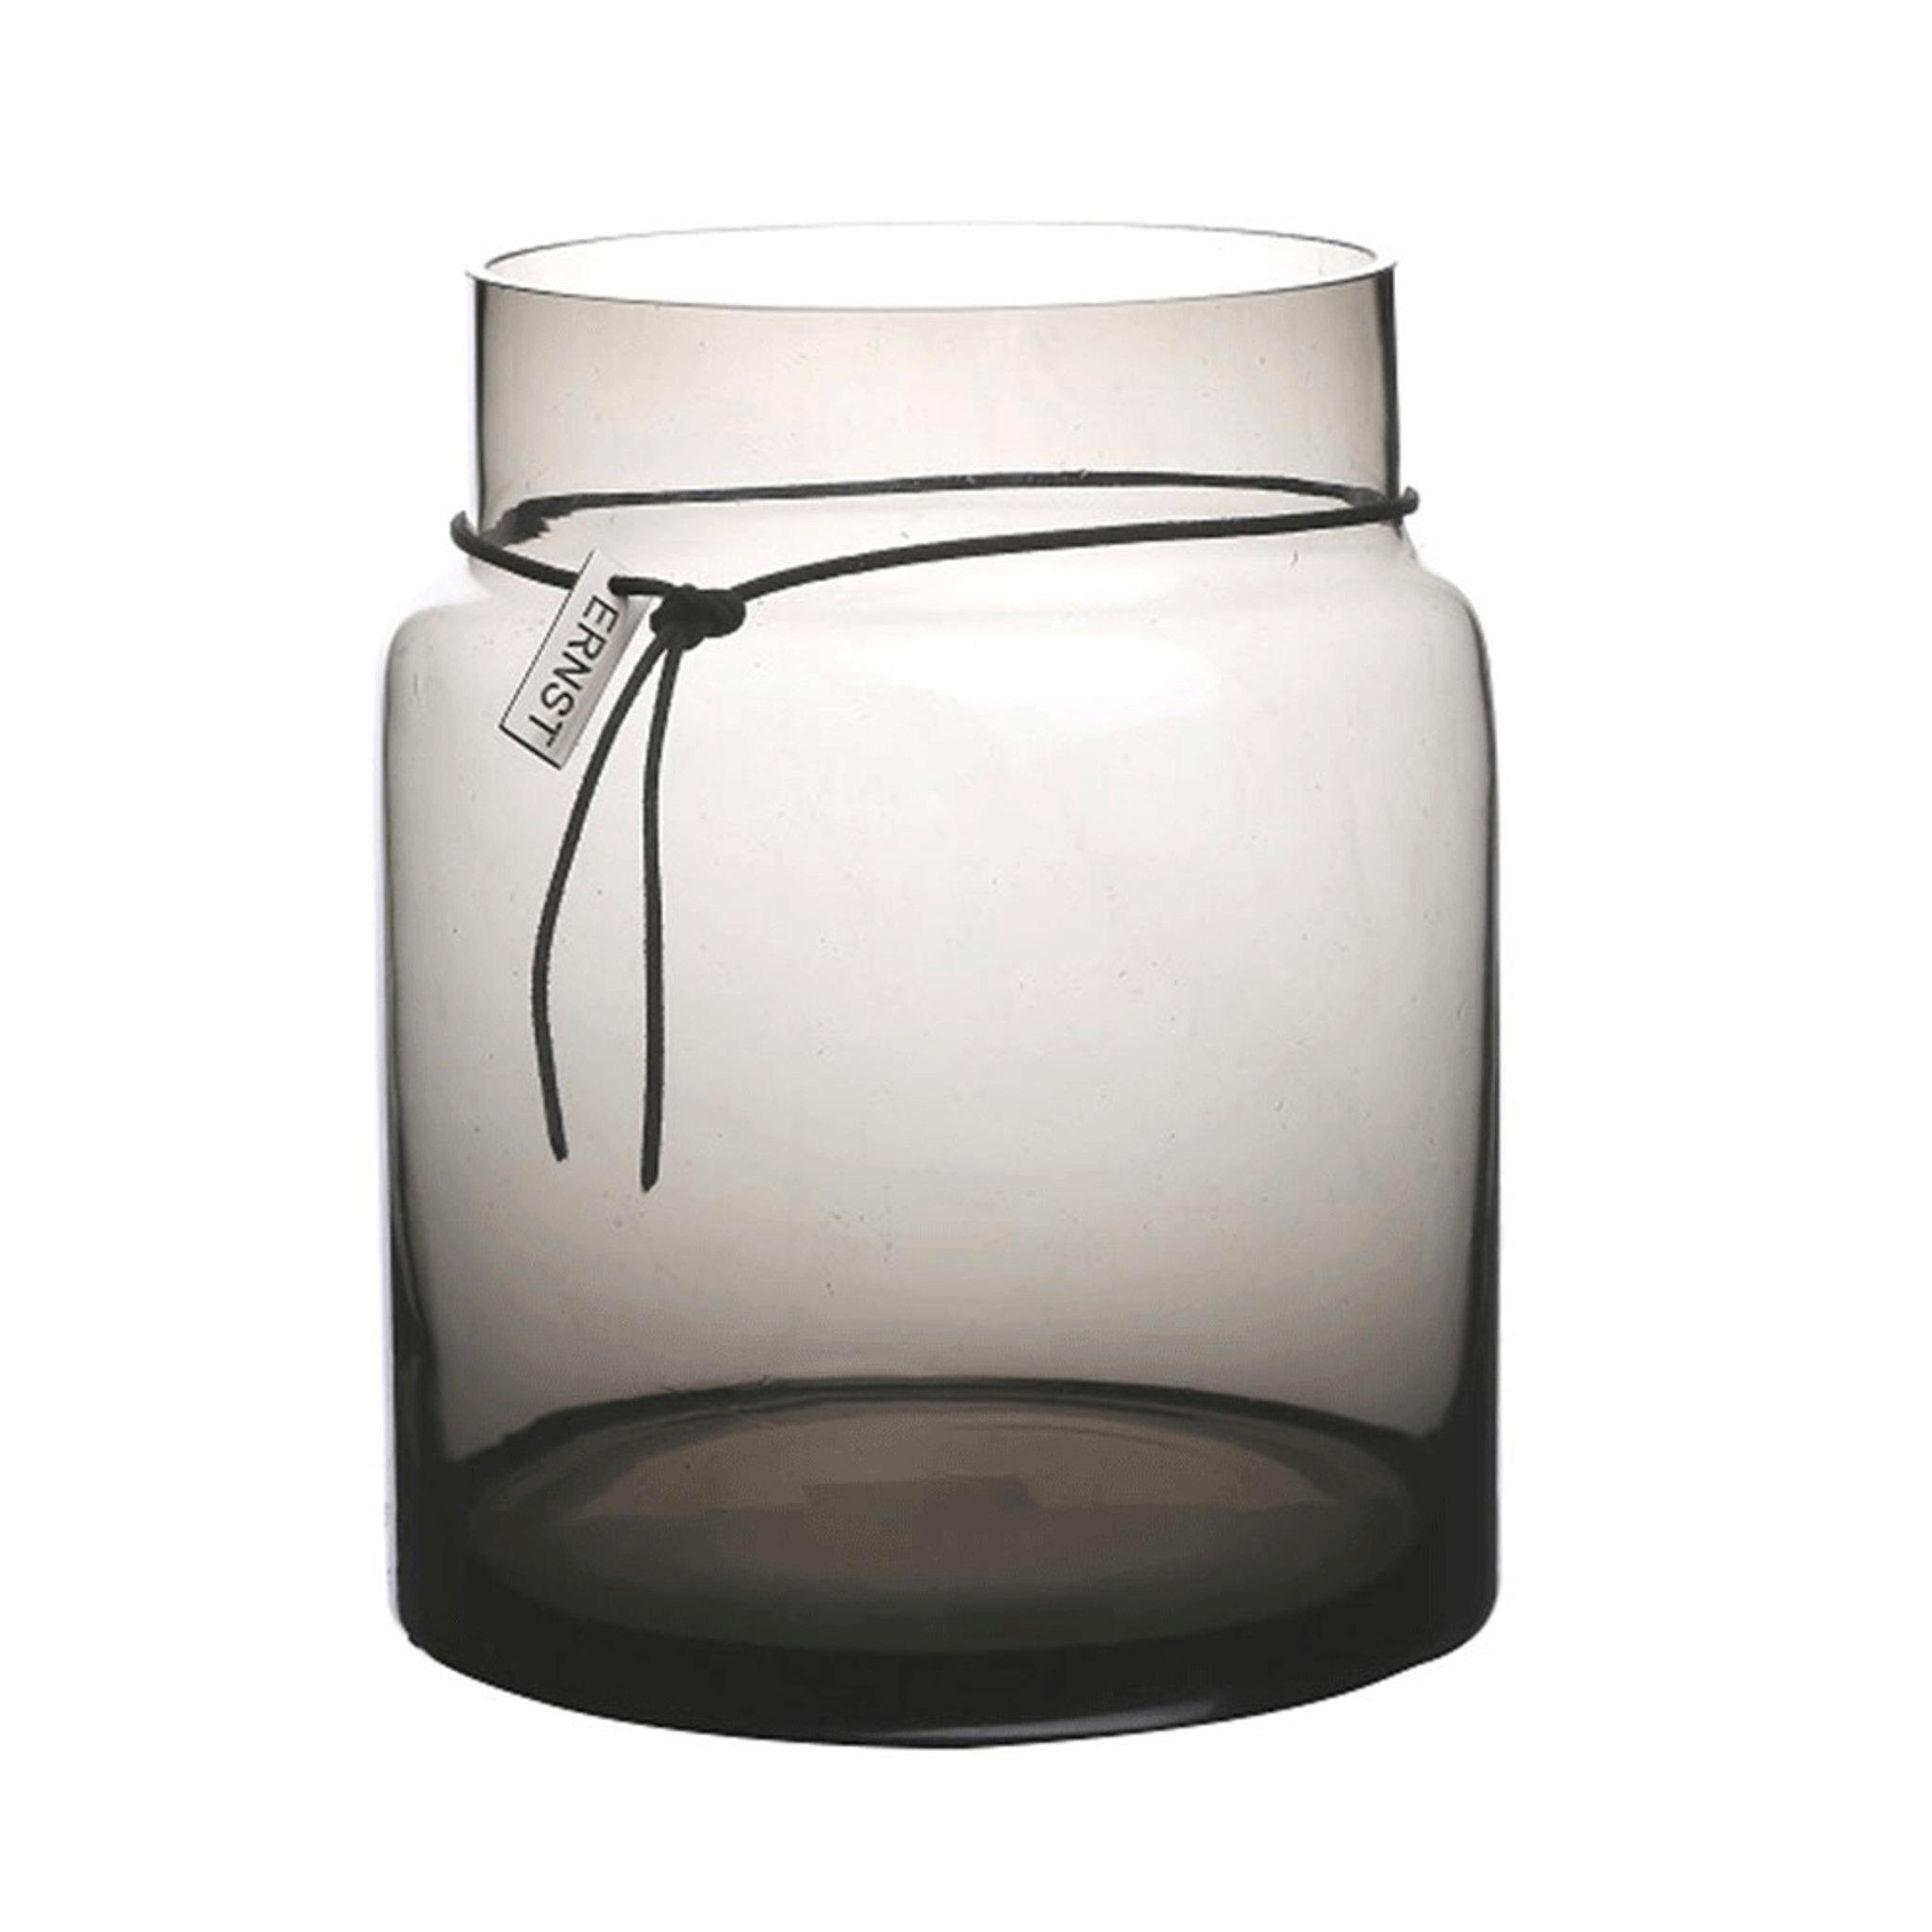 Kruka Vas - Krukor   vaser - Köp online på åhlens.se! a3da82b502da8